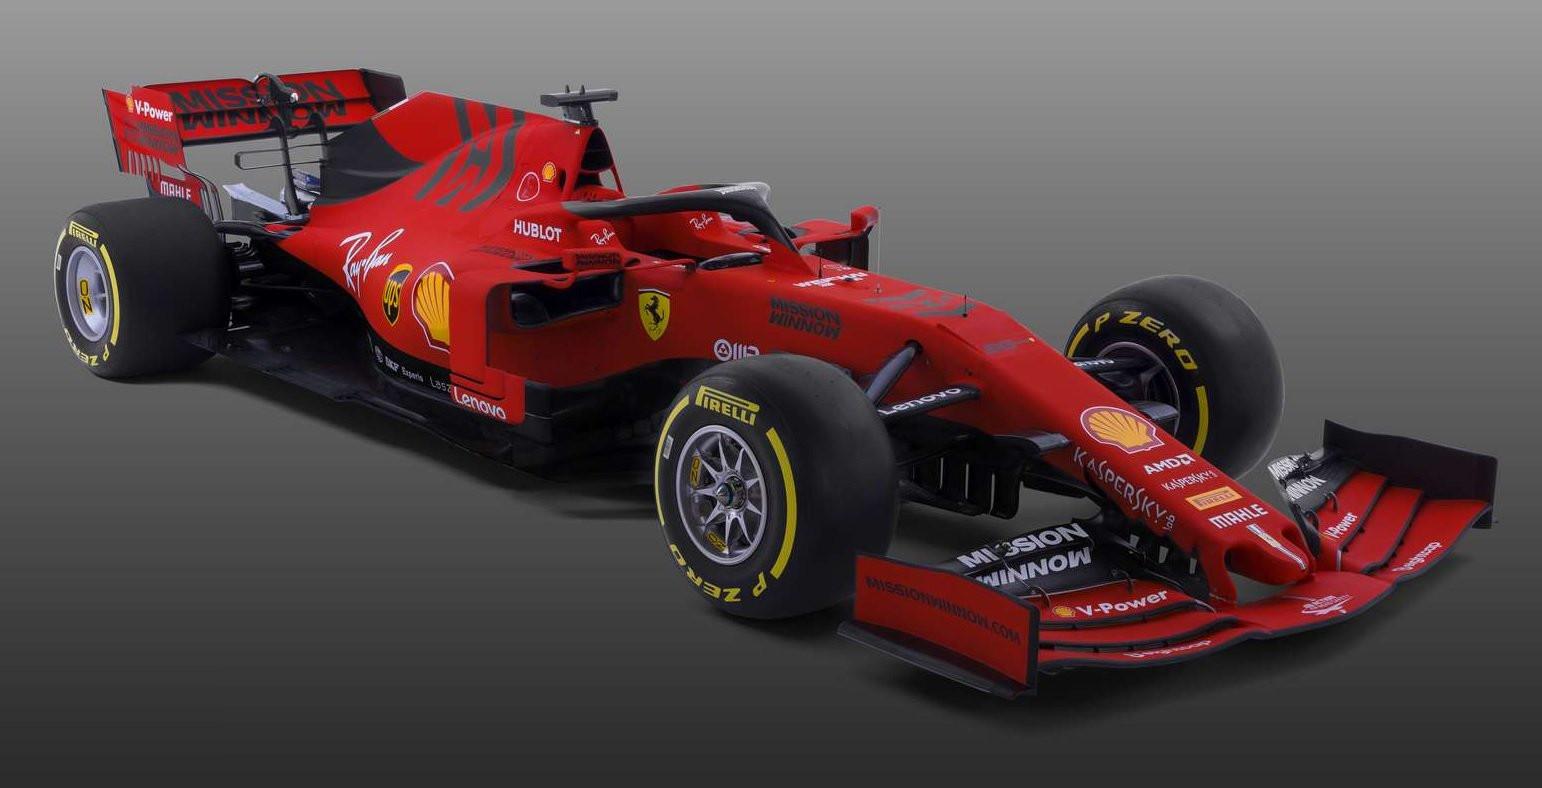 De SF90 van Ferrari